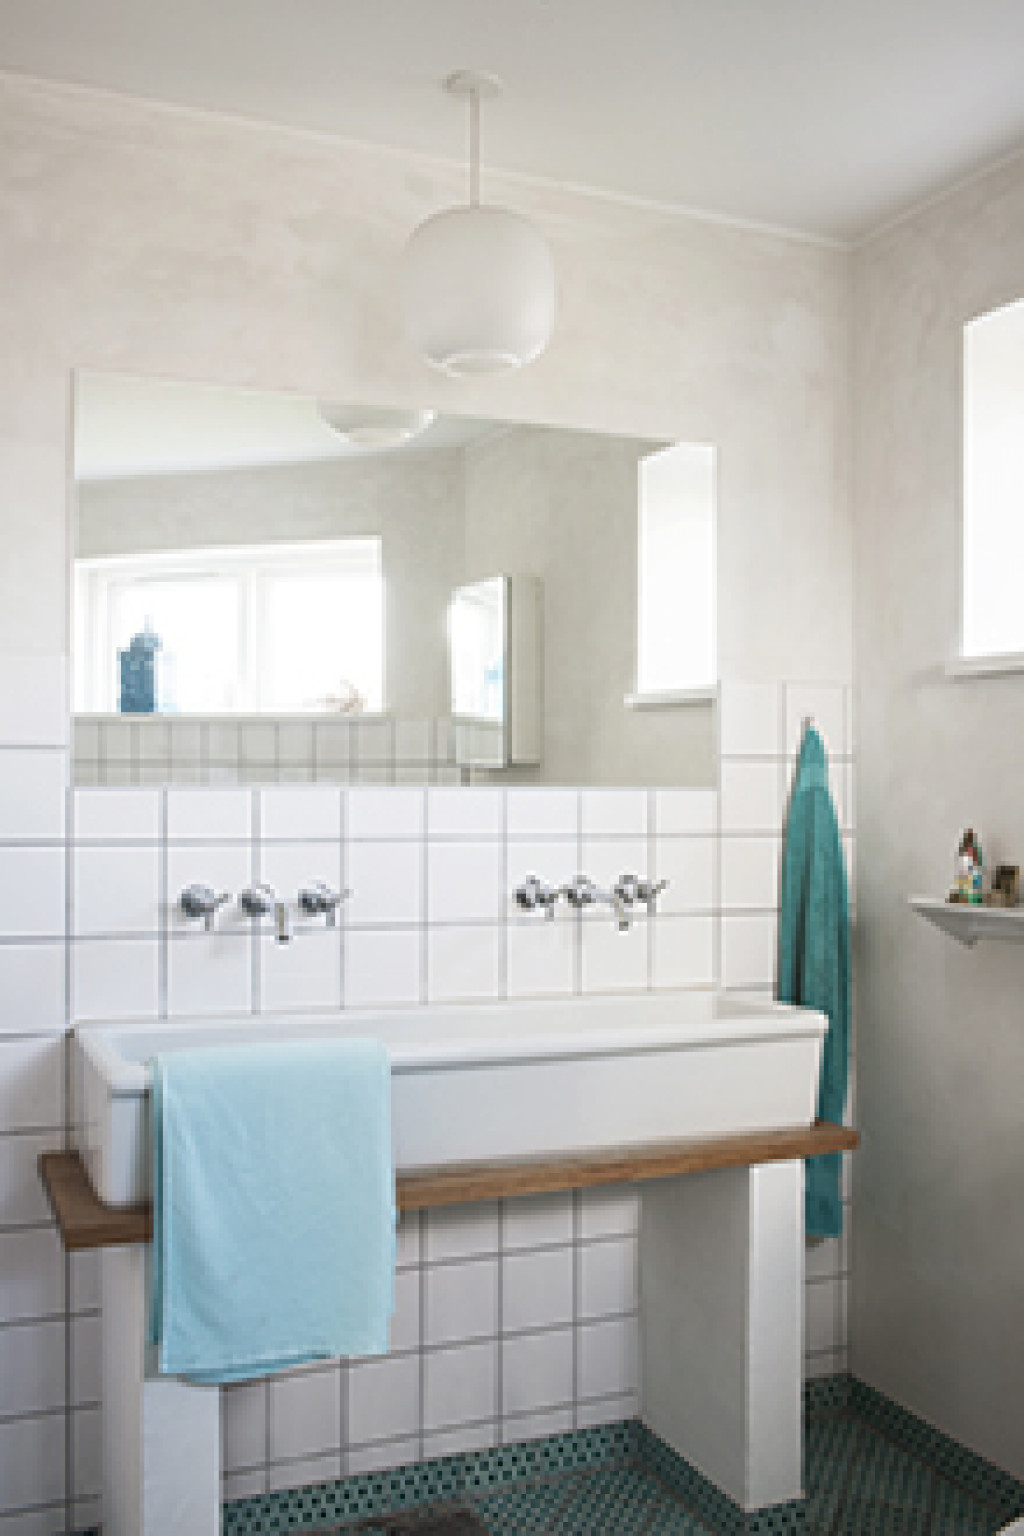 Dejligt hus i økolandsbyen Hallingelille ved Ringsted - mias_hus_12_4c087738d62d3c8e58c91b07c45632ae